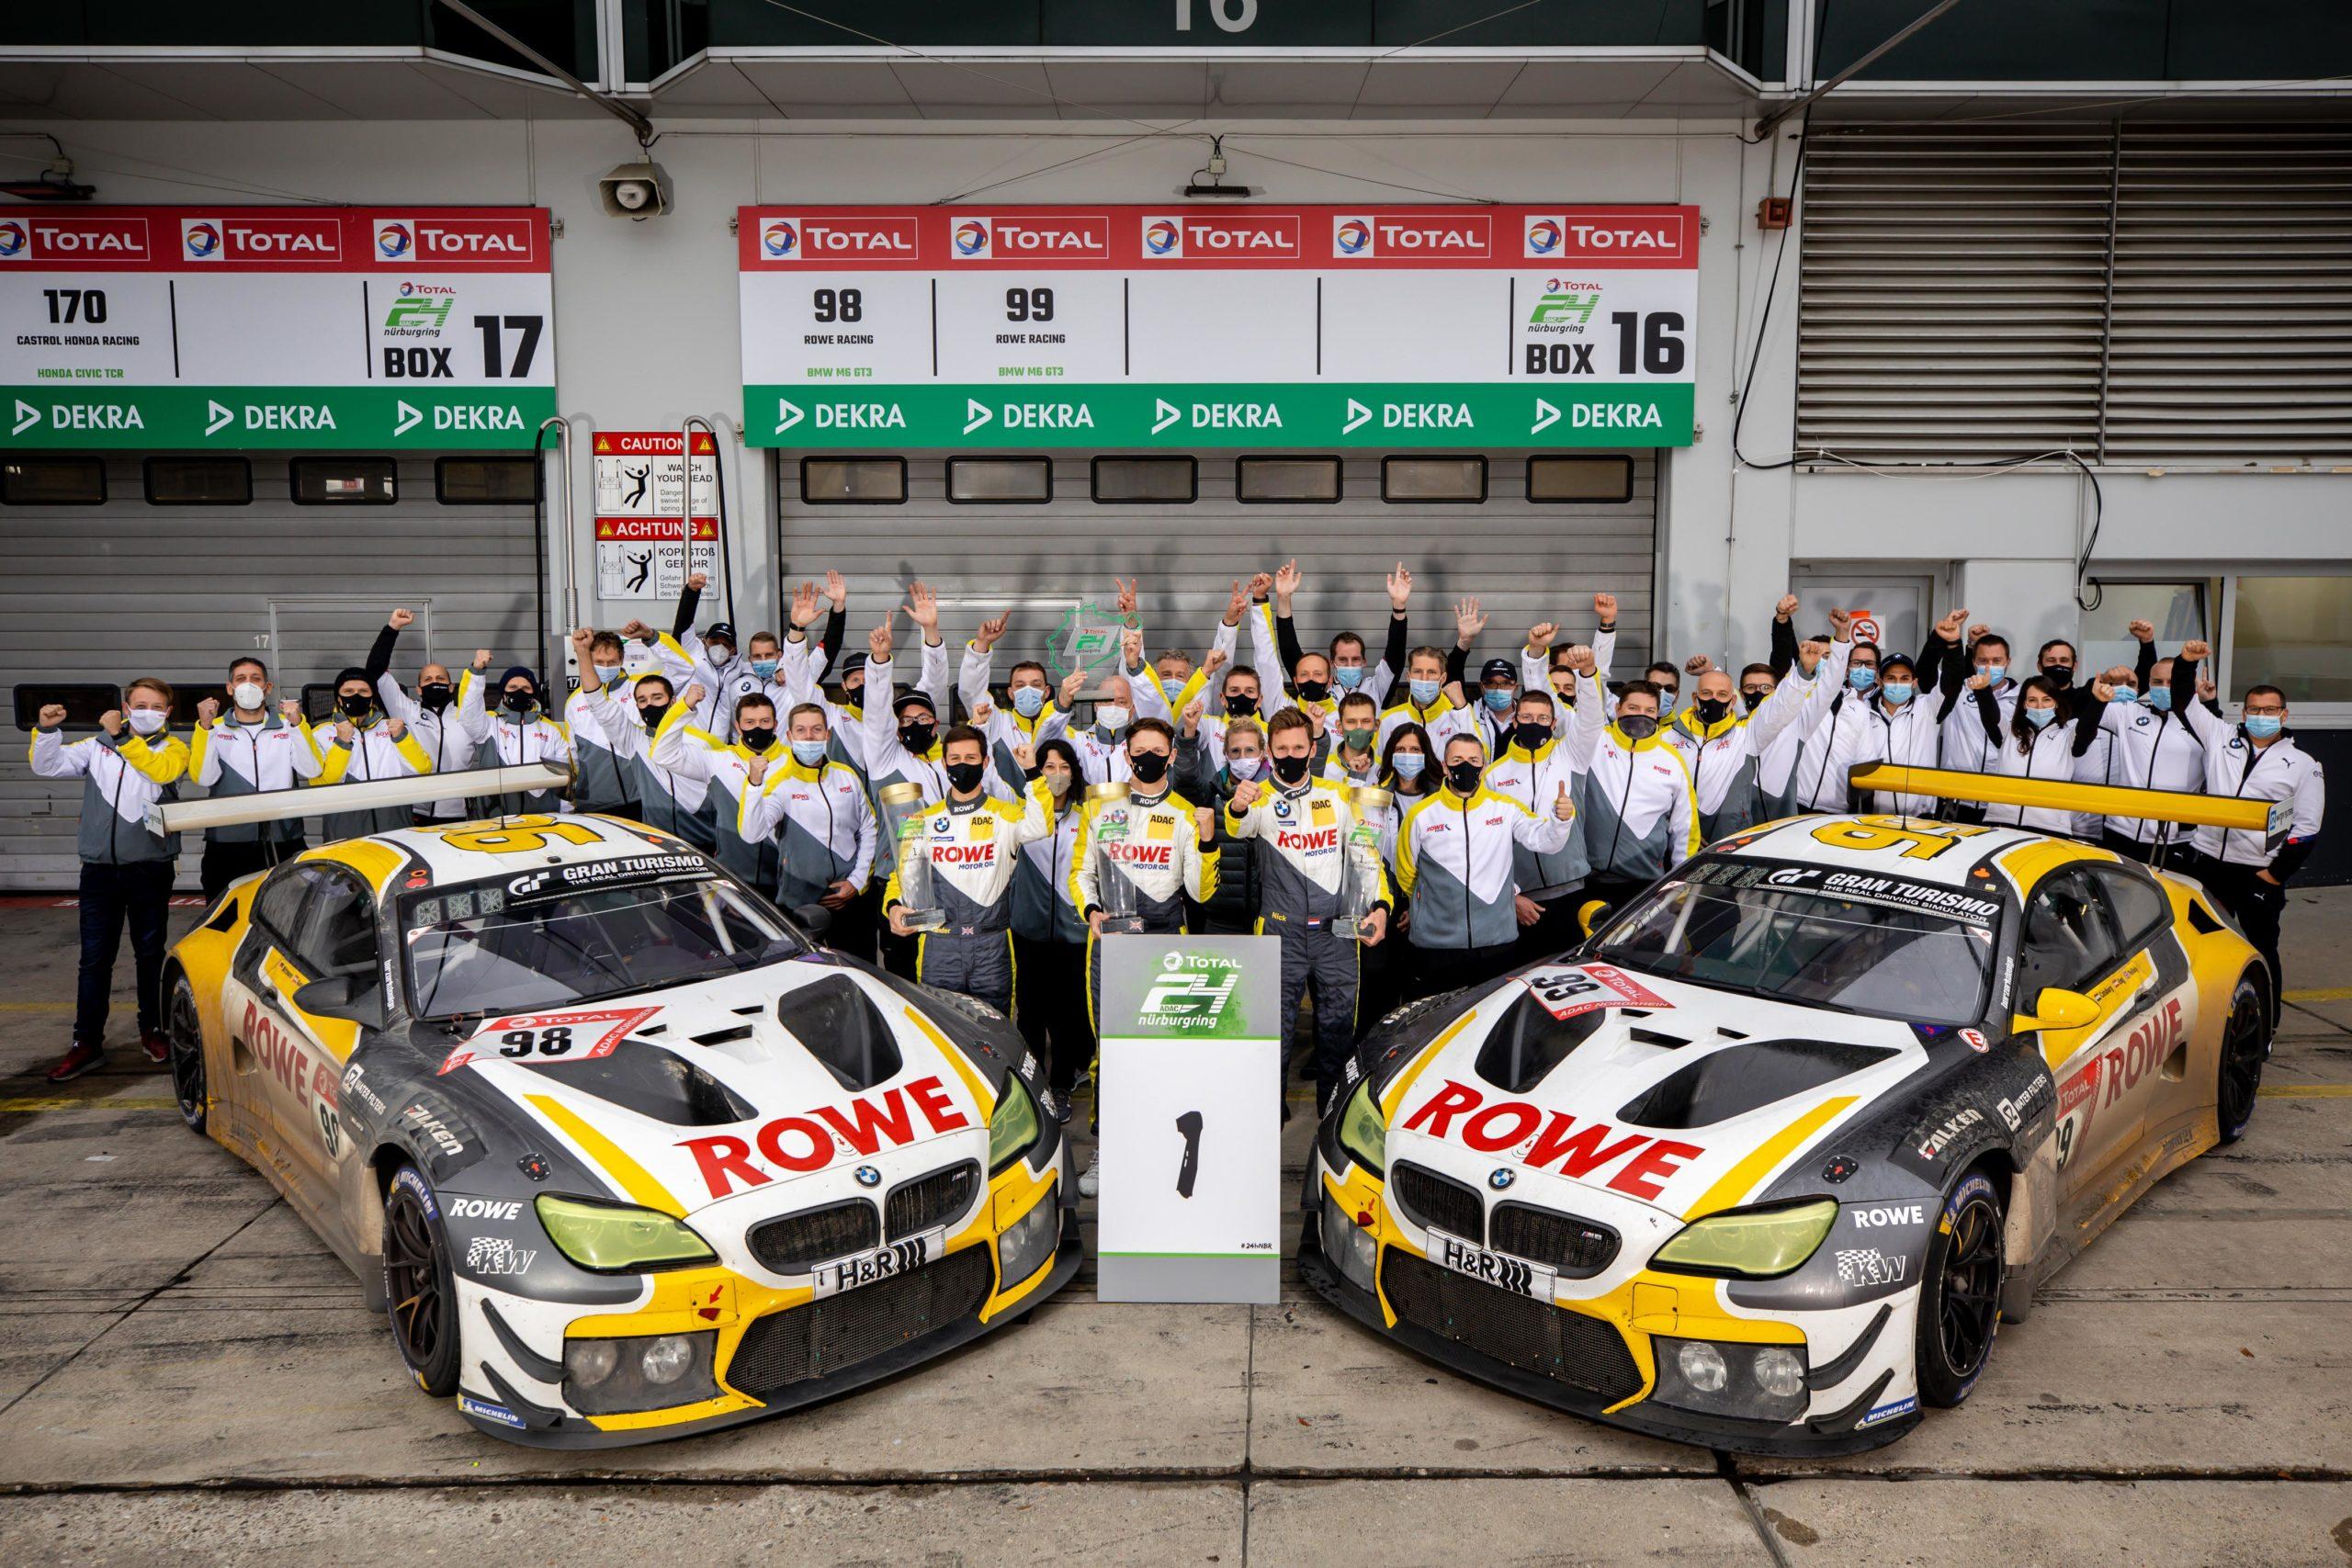 Rowe Racing rockt den Ring: Erster Triumph beim 24h‑Rennen